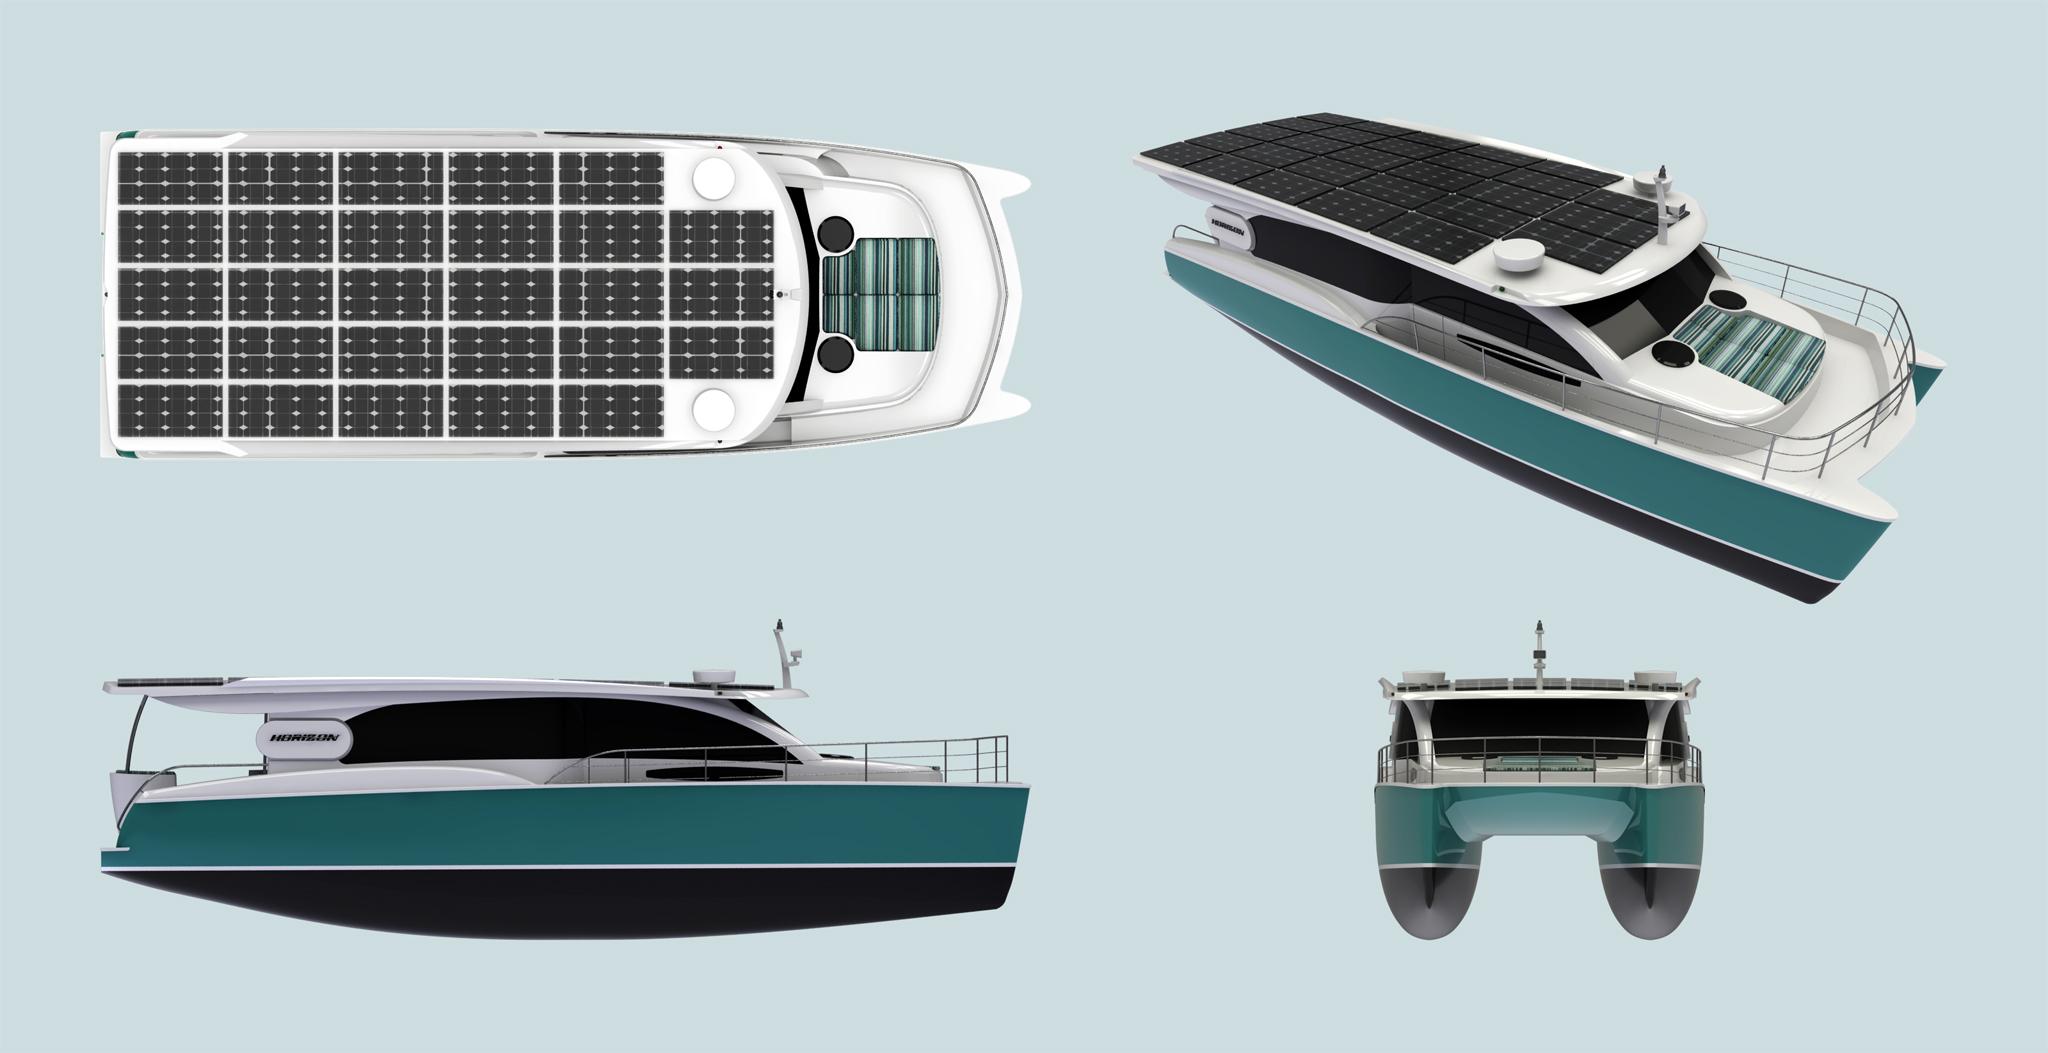 46呎太陽能動力遊艇